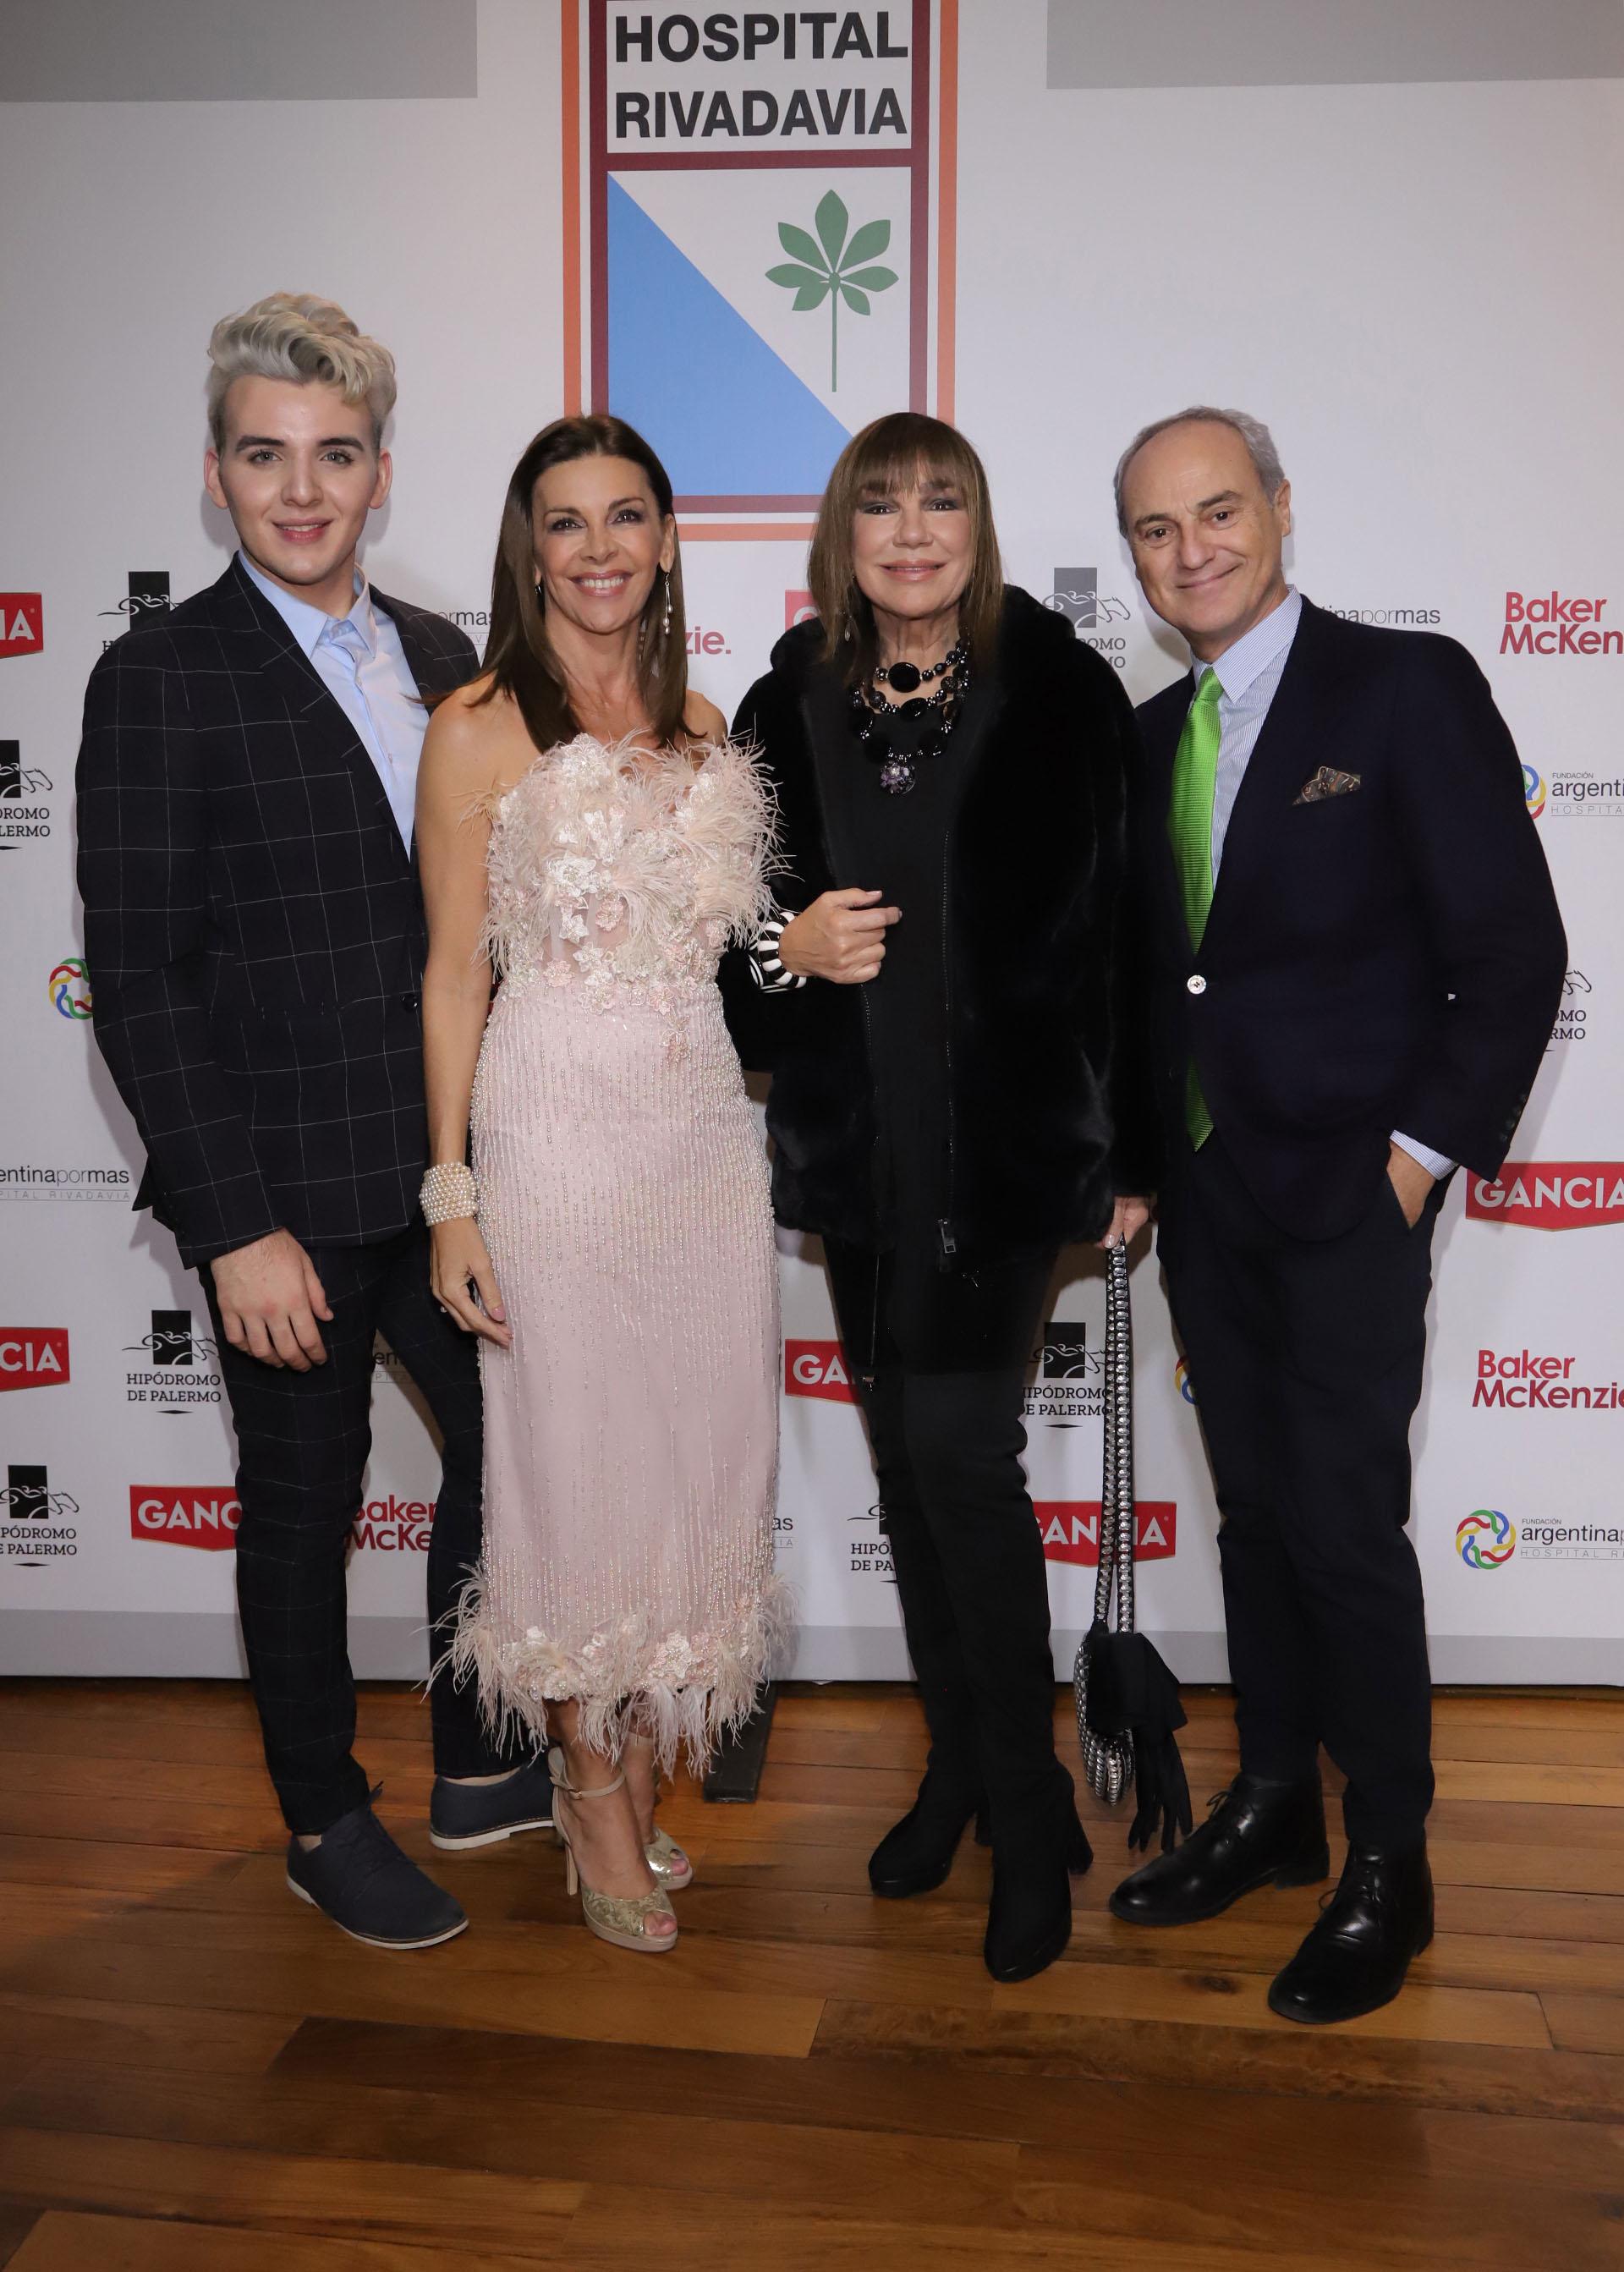 El diseñador Jorge Rey, Fabiana Araujo, Mora Furtado y Alejandro Raineri